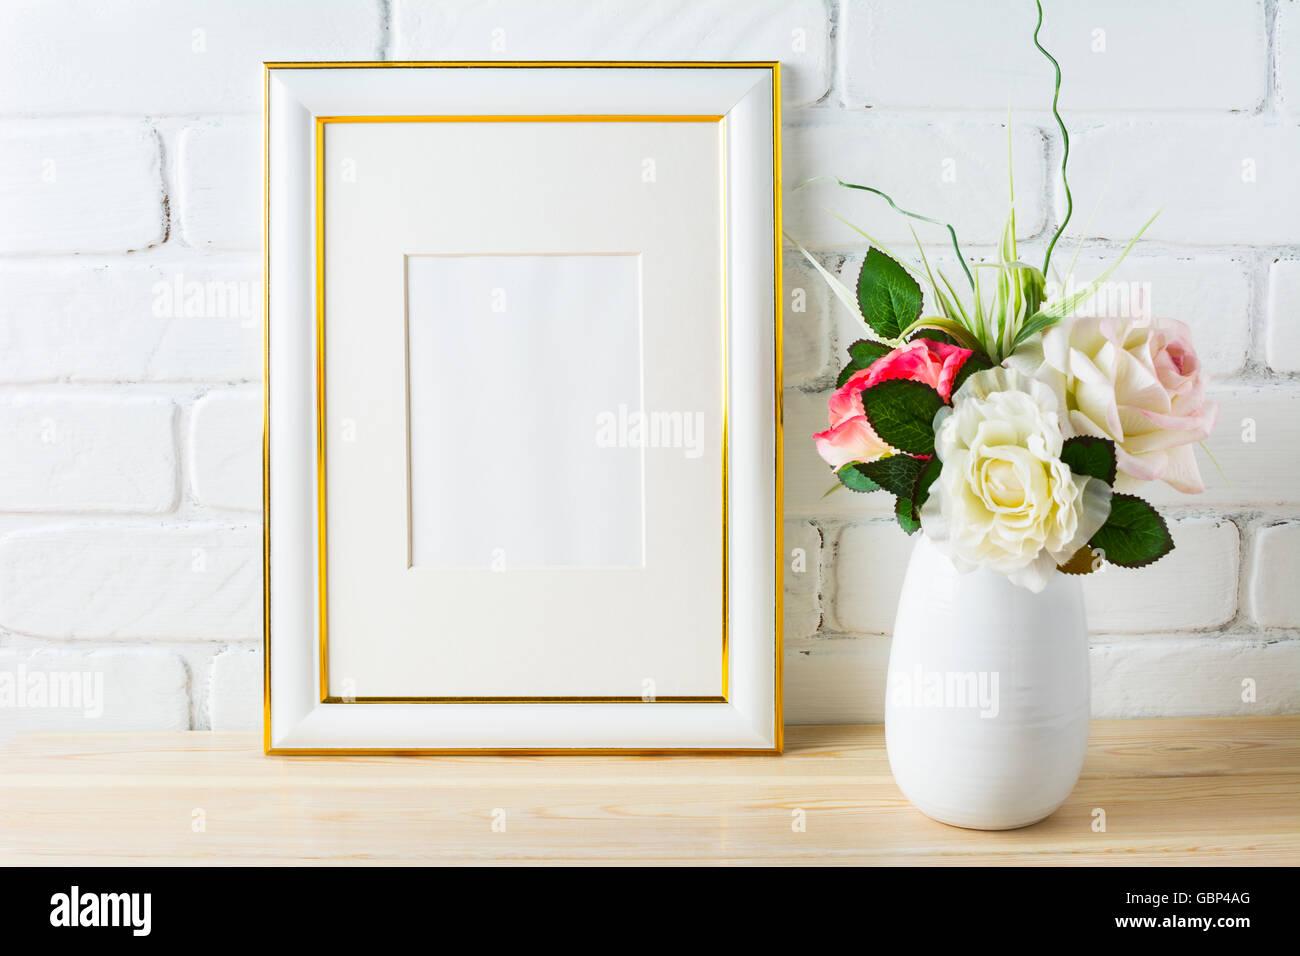 Frame-Mock-up mit Rosen in weißen Vase. Leeren weißen Rahmen Mock-up ...